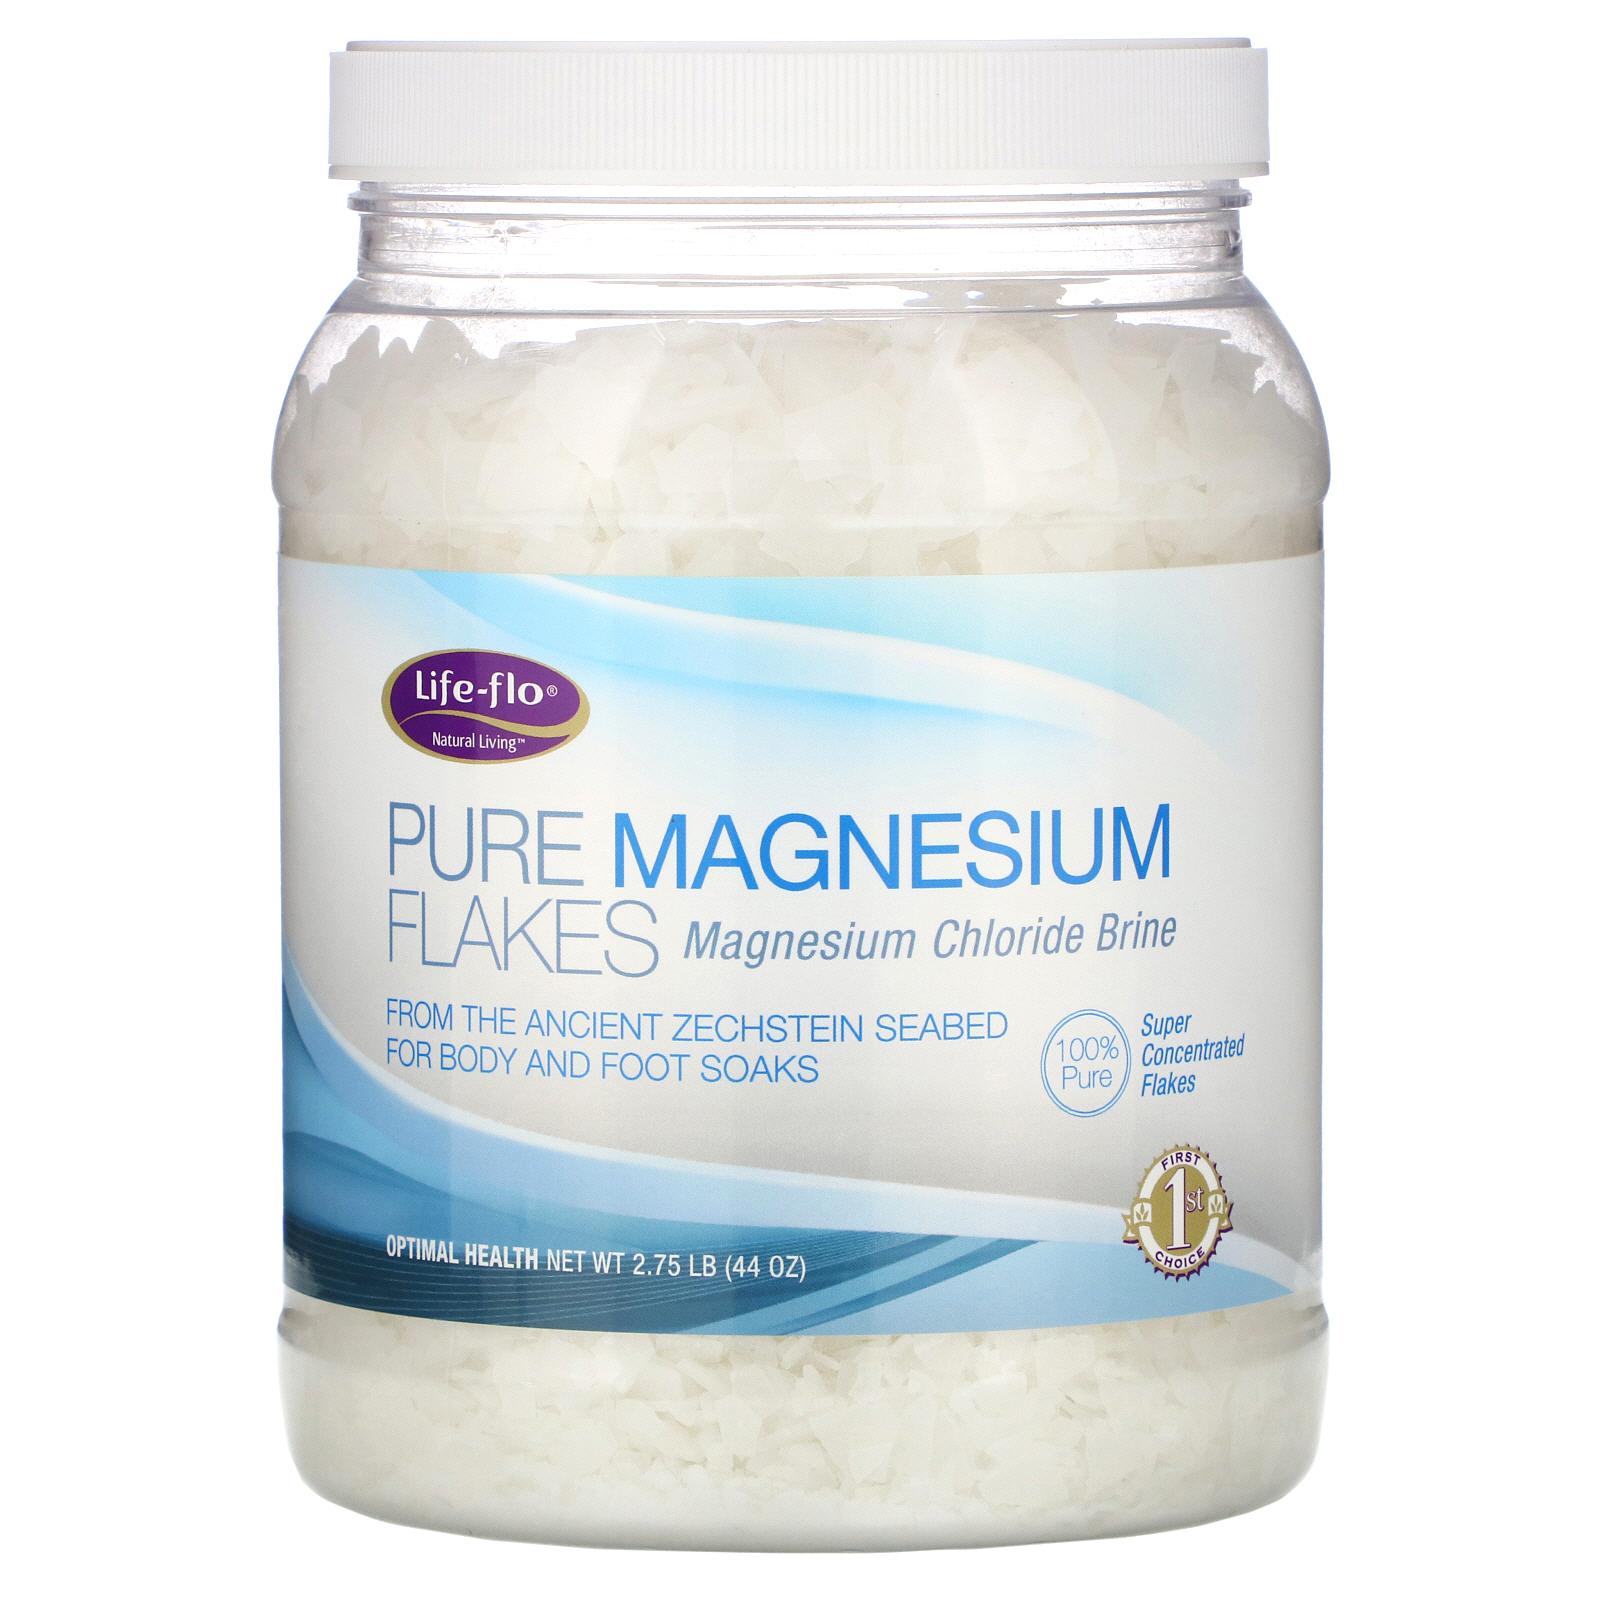 風呂 副作用 マグネシウム